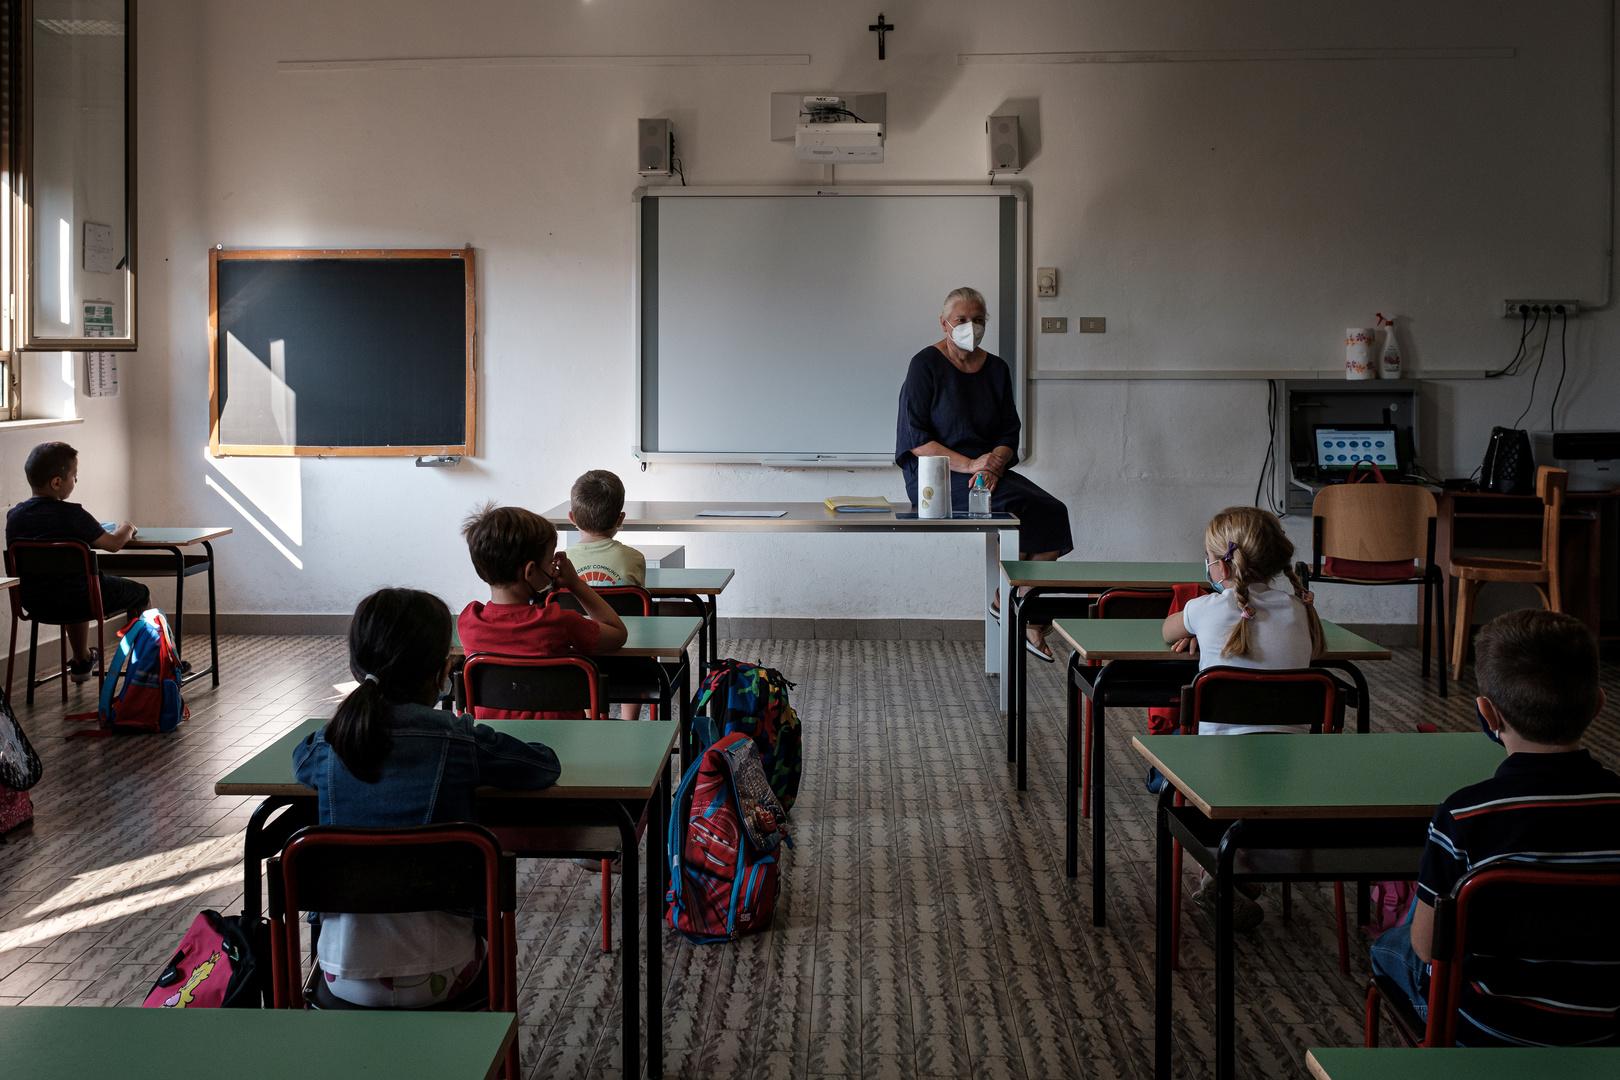 إيطاليا.. مدرسة ترغم طالبتها المتفوقة على عصب عينيها أثناء الامتحان